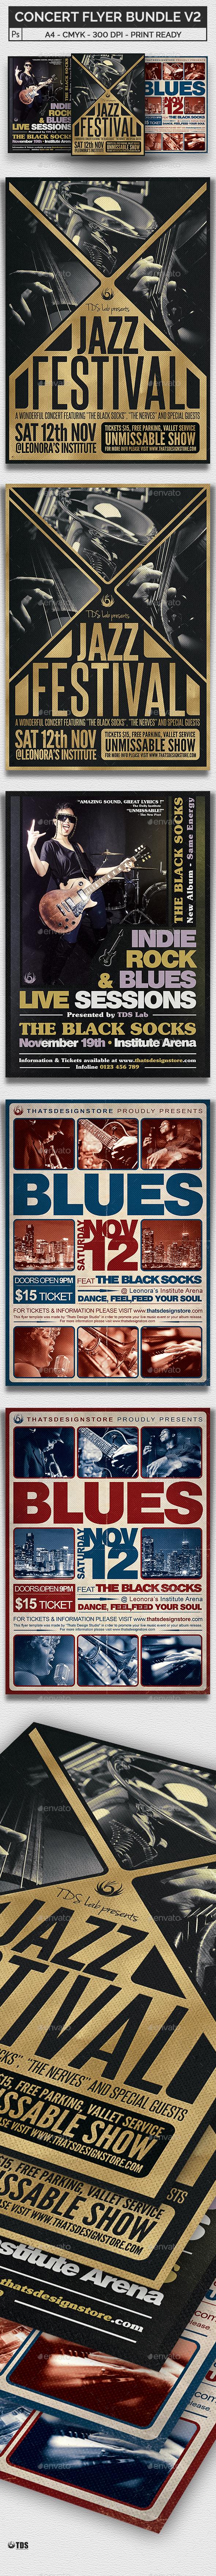 Concert Flyer Bundle V2 - Concerts Events